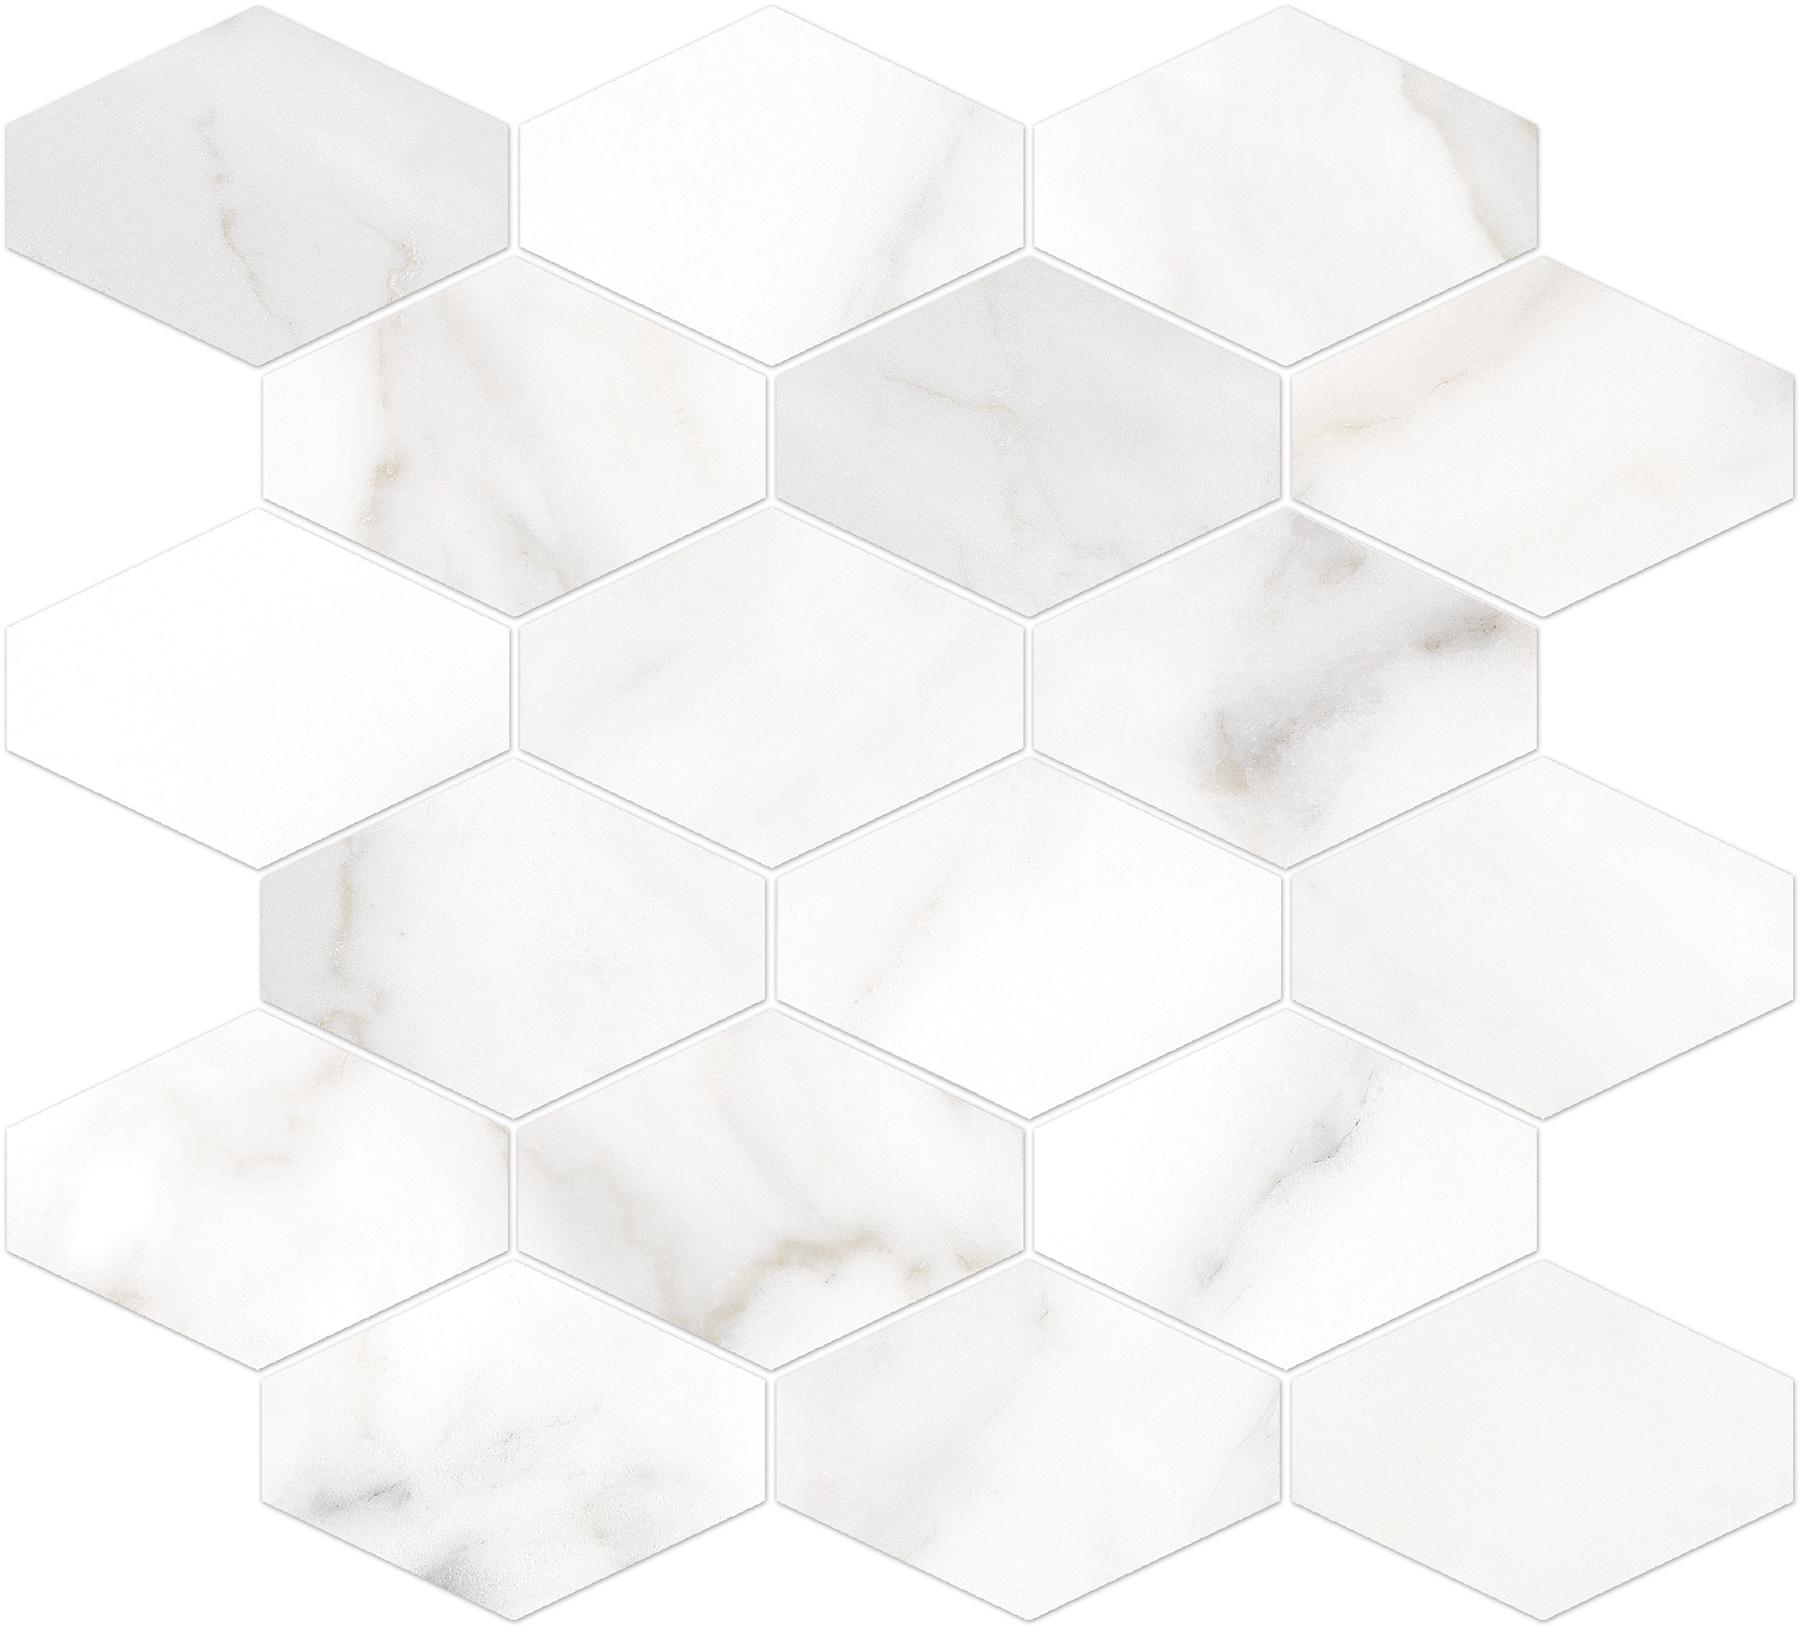 8880/820, Bernini Stone, Keltainen, seina,lattia,mosaiikki